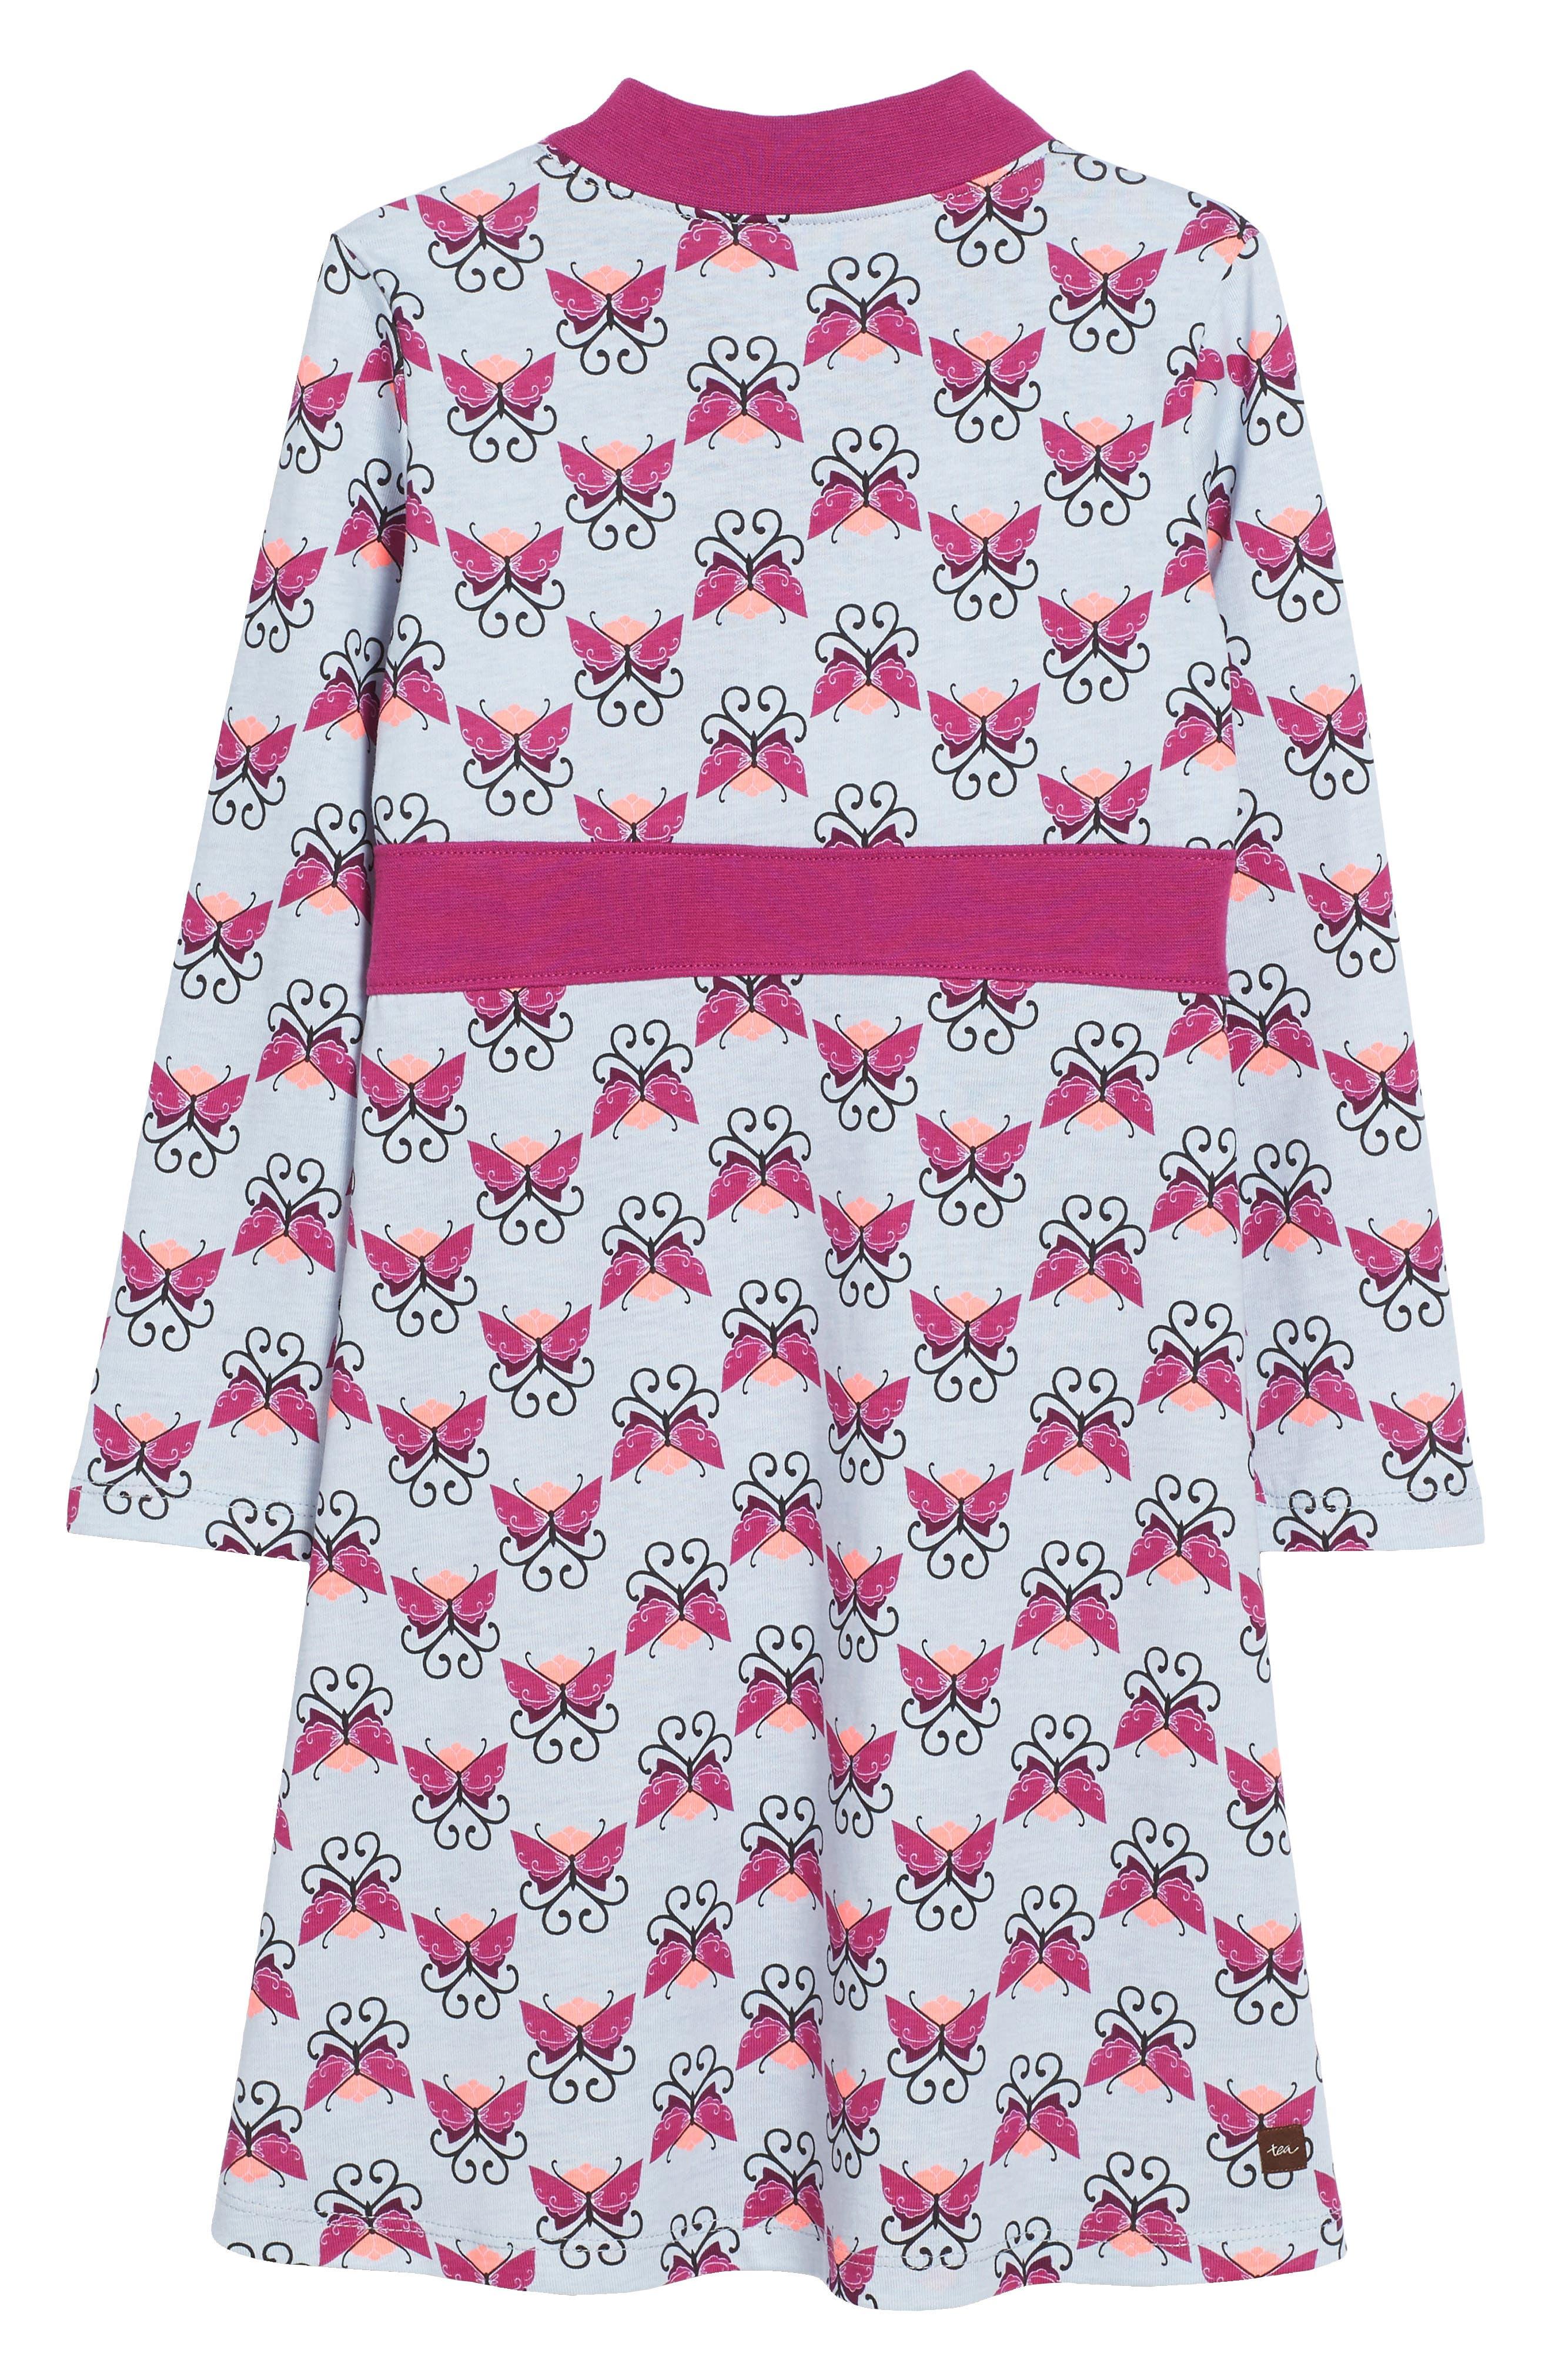 Beitiris Print Wrap Neck Dress,                             Alternate thumbnail 3, color,                             Horizon